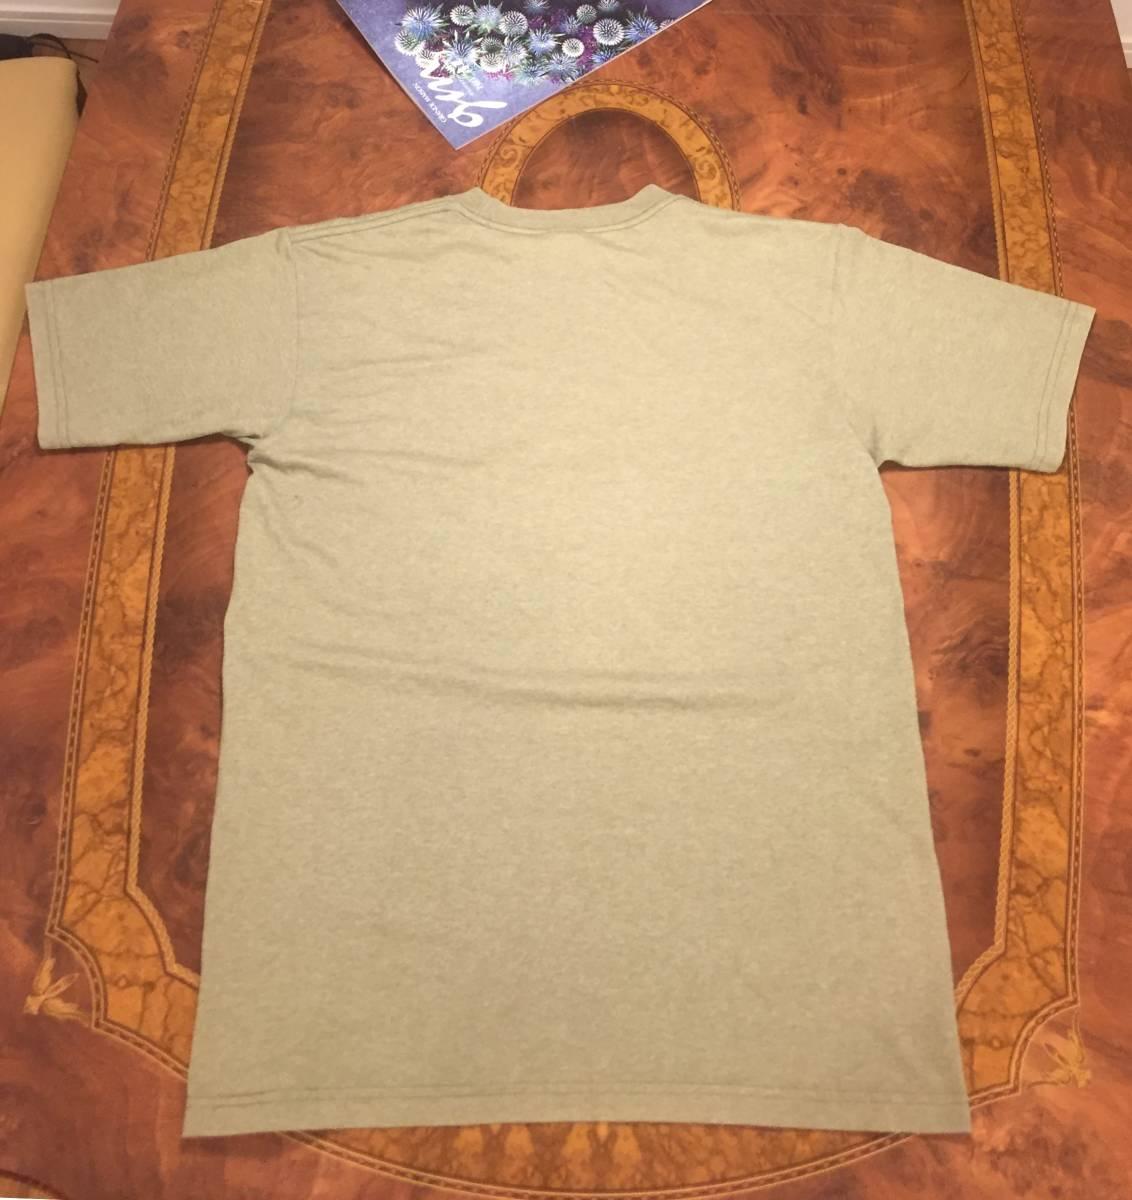 THE NORTH FACE ザ・ノース・フェイス Tシャツ・M~L相当・エルサルバドル製・カーキ系・送料無料・Tee shirt